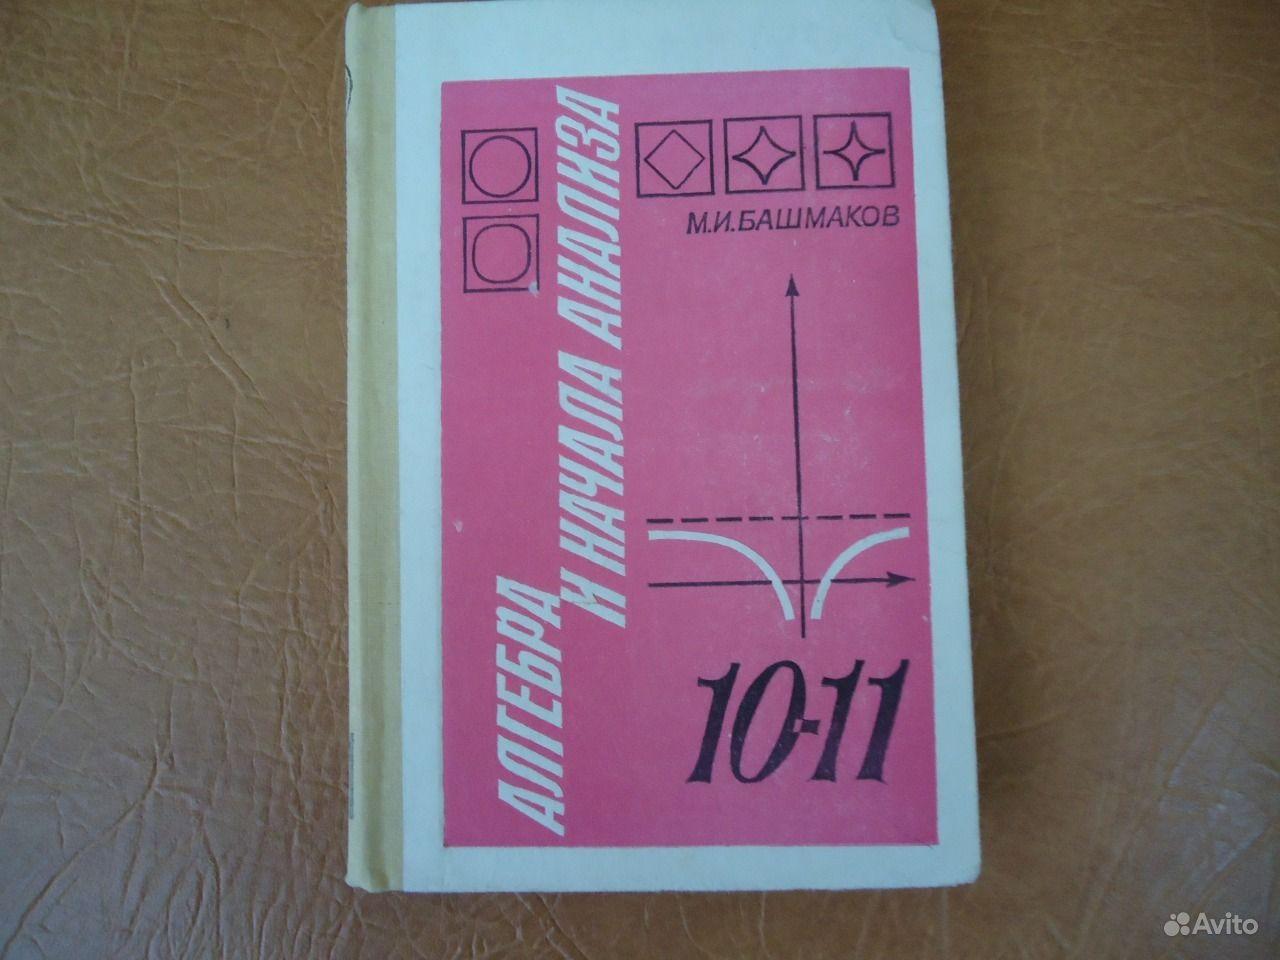 Решебник алгебра начало анализа 10-11 класс башмаков